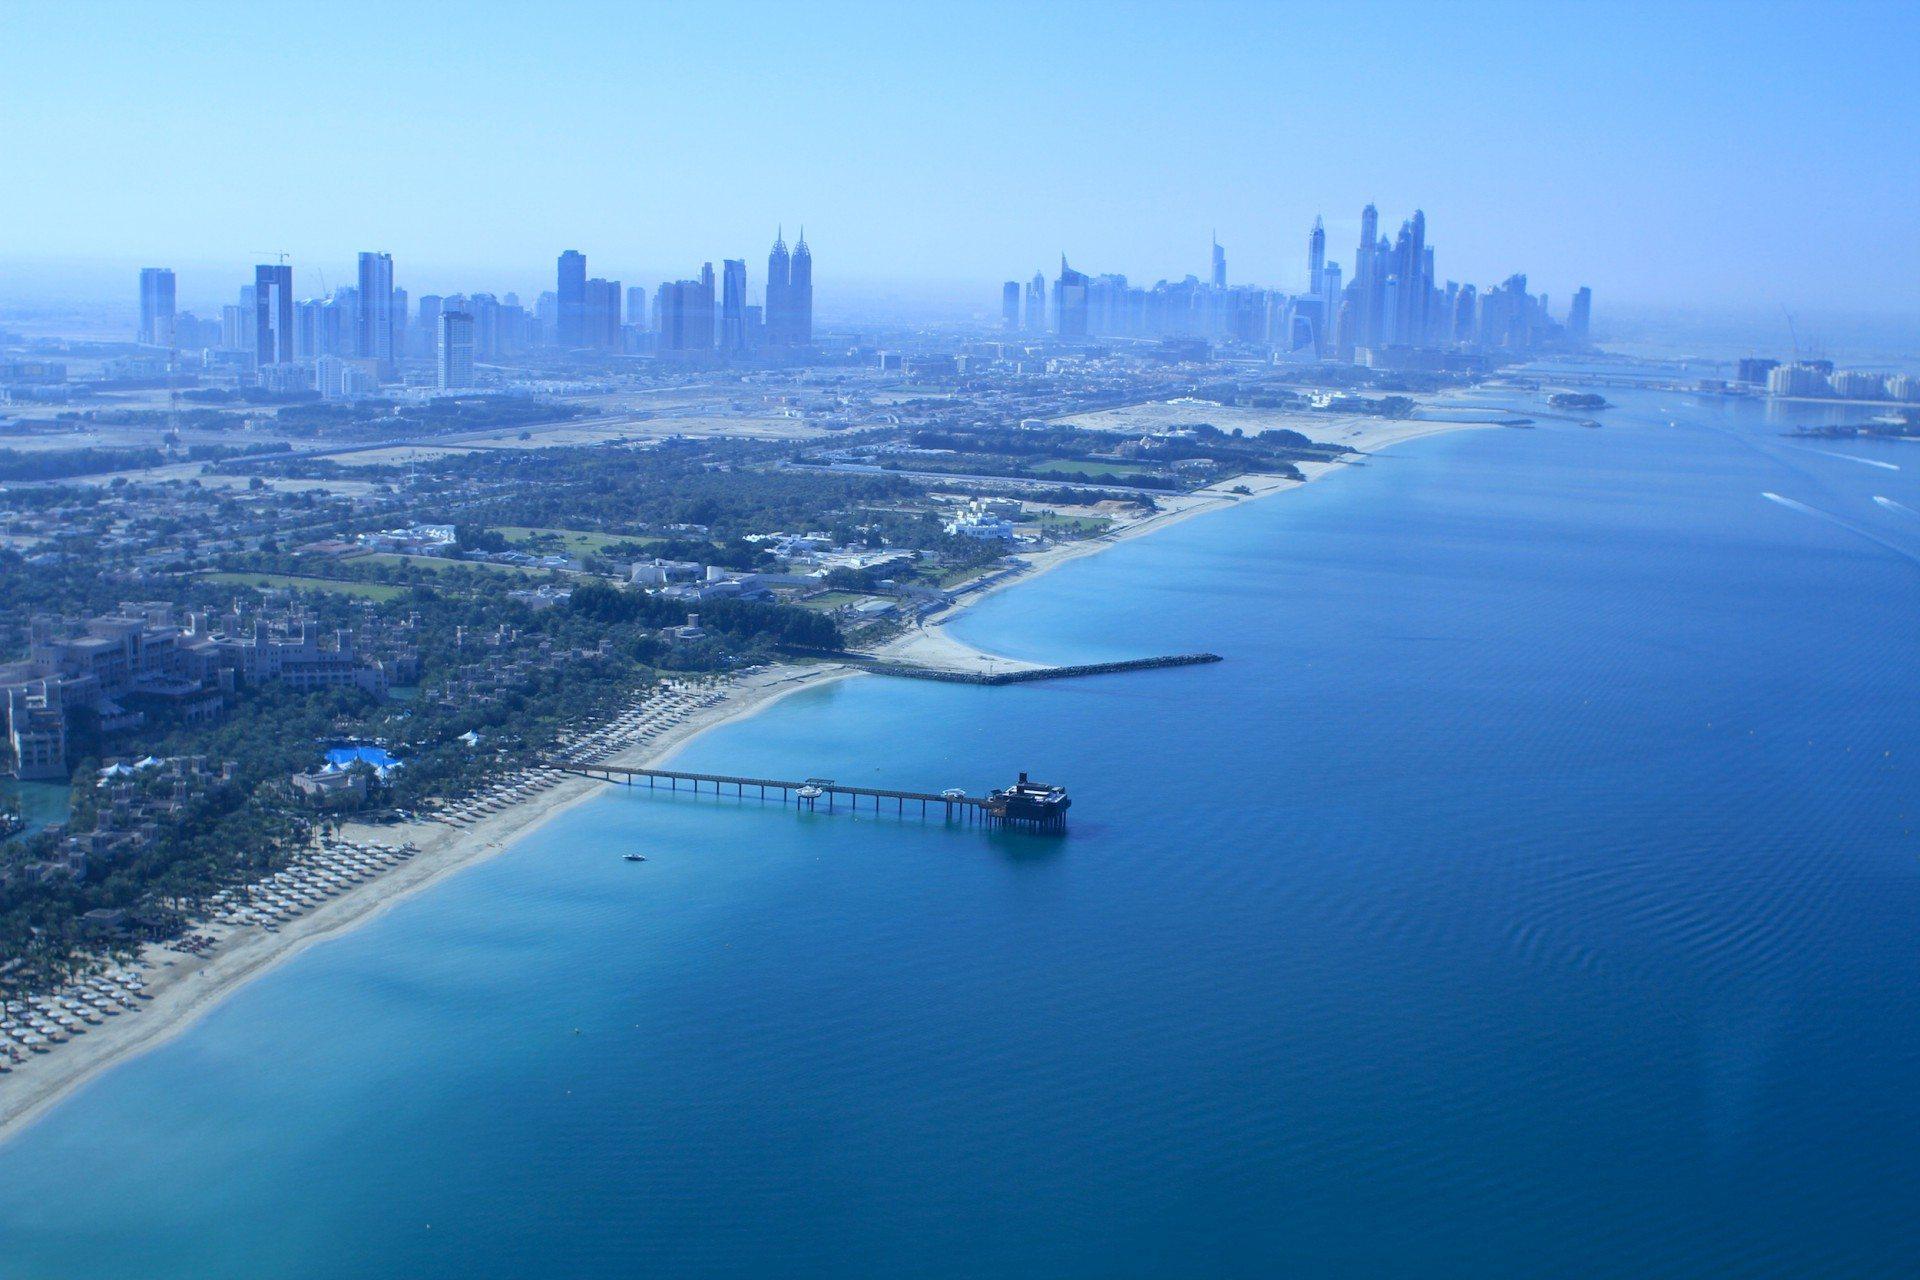 Blausilhouette. Der Blick vom Burj Al Arab auf die Dubai Marina (re.) und die Türme der Sheikh Zayed Road (li.).